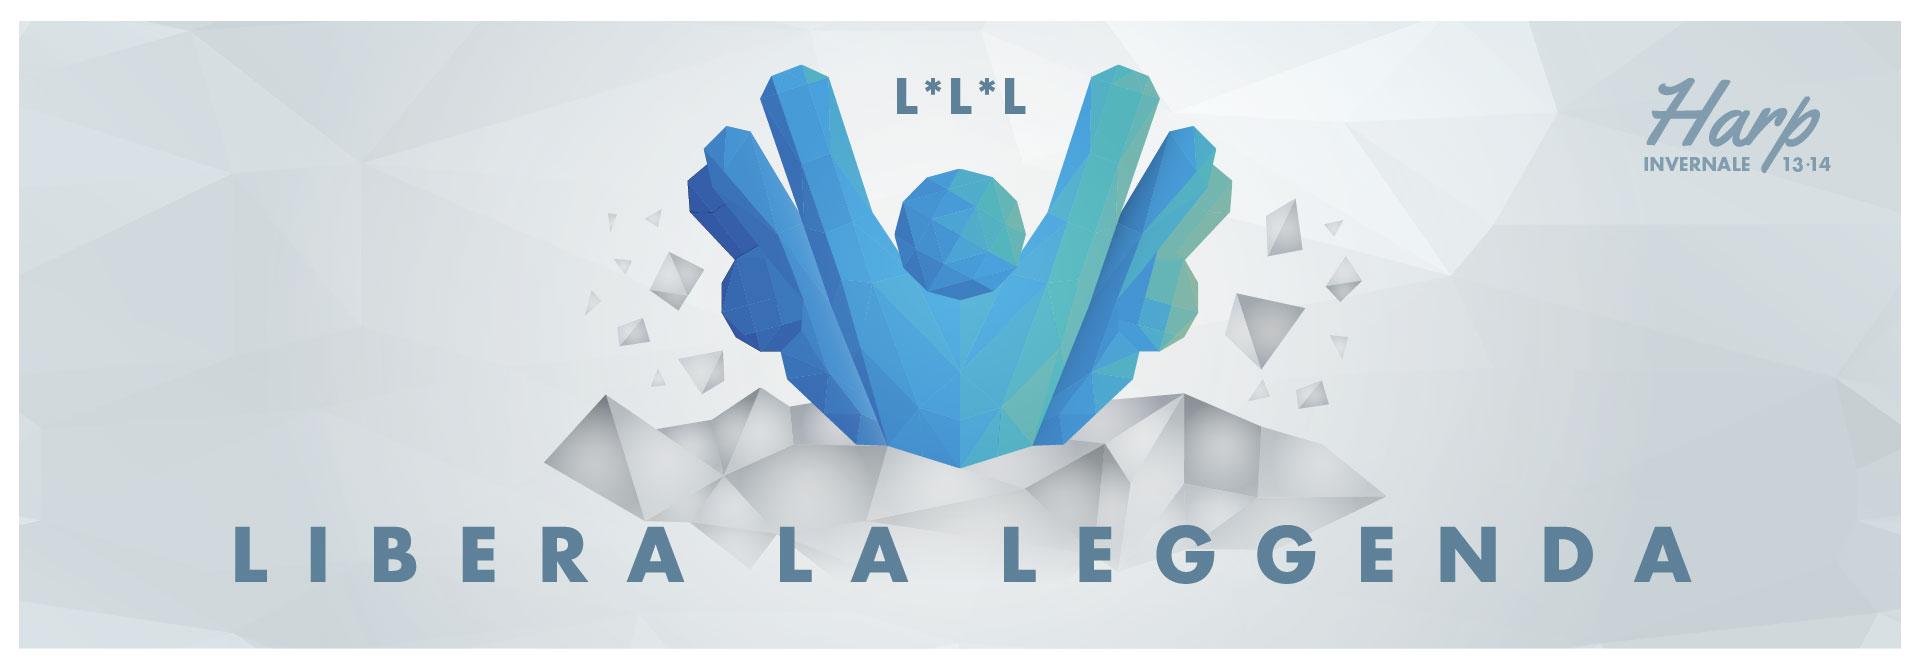 LLL-01